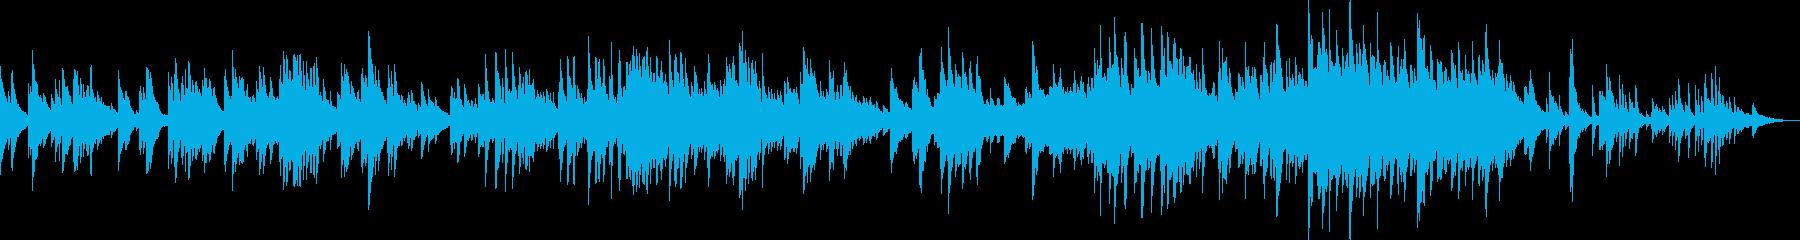 希望の扉(ピアノソロ・明るい・爽やか)の再生済みの波形